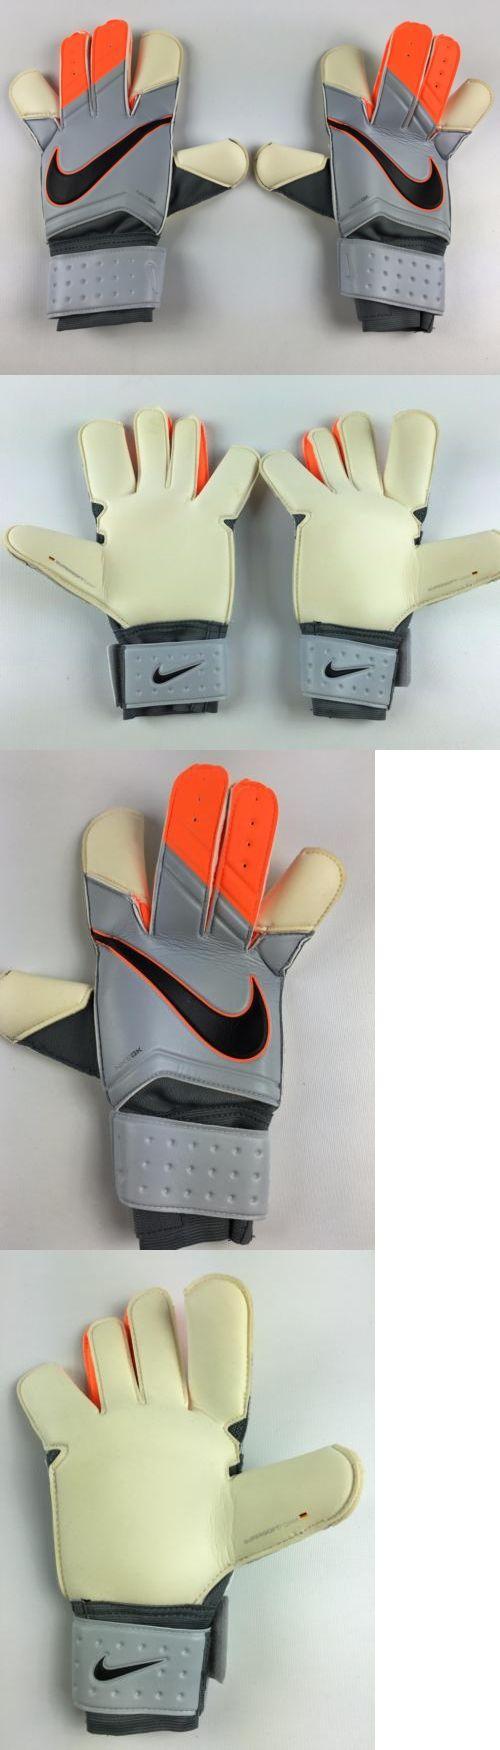 Male gloves ebay - Gloves 57277 Mens Nike Gk Grip 3 Goal Keeper Soccer Football Gloves Sz 8 Or